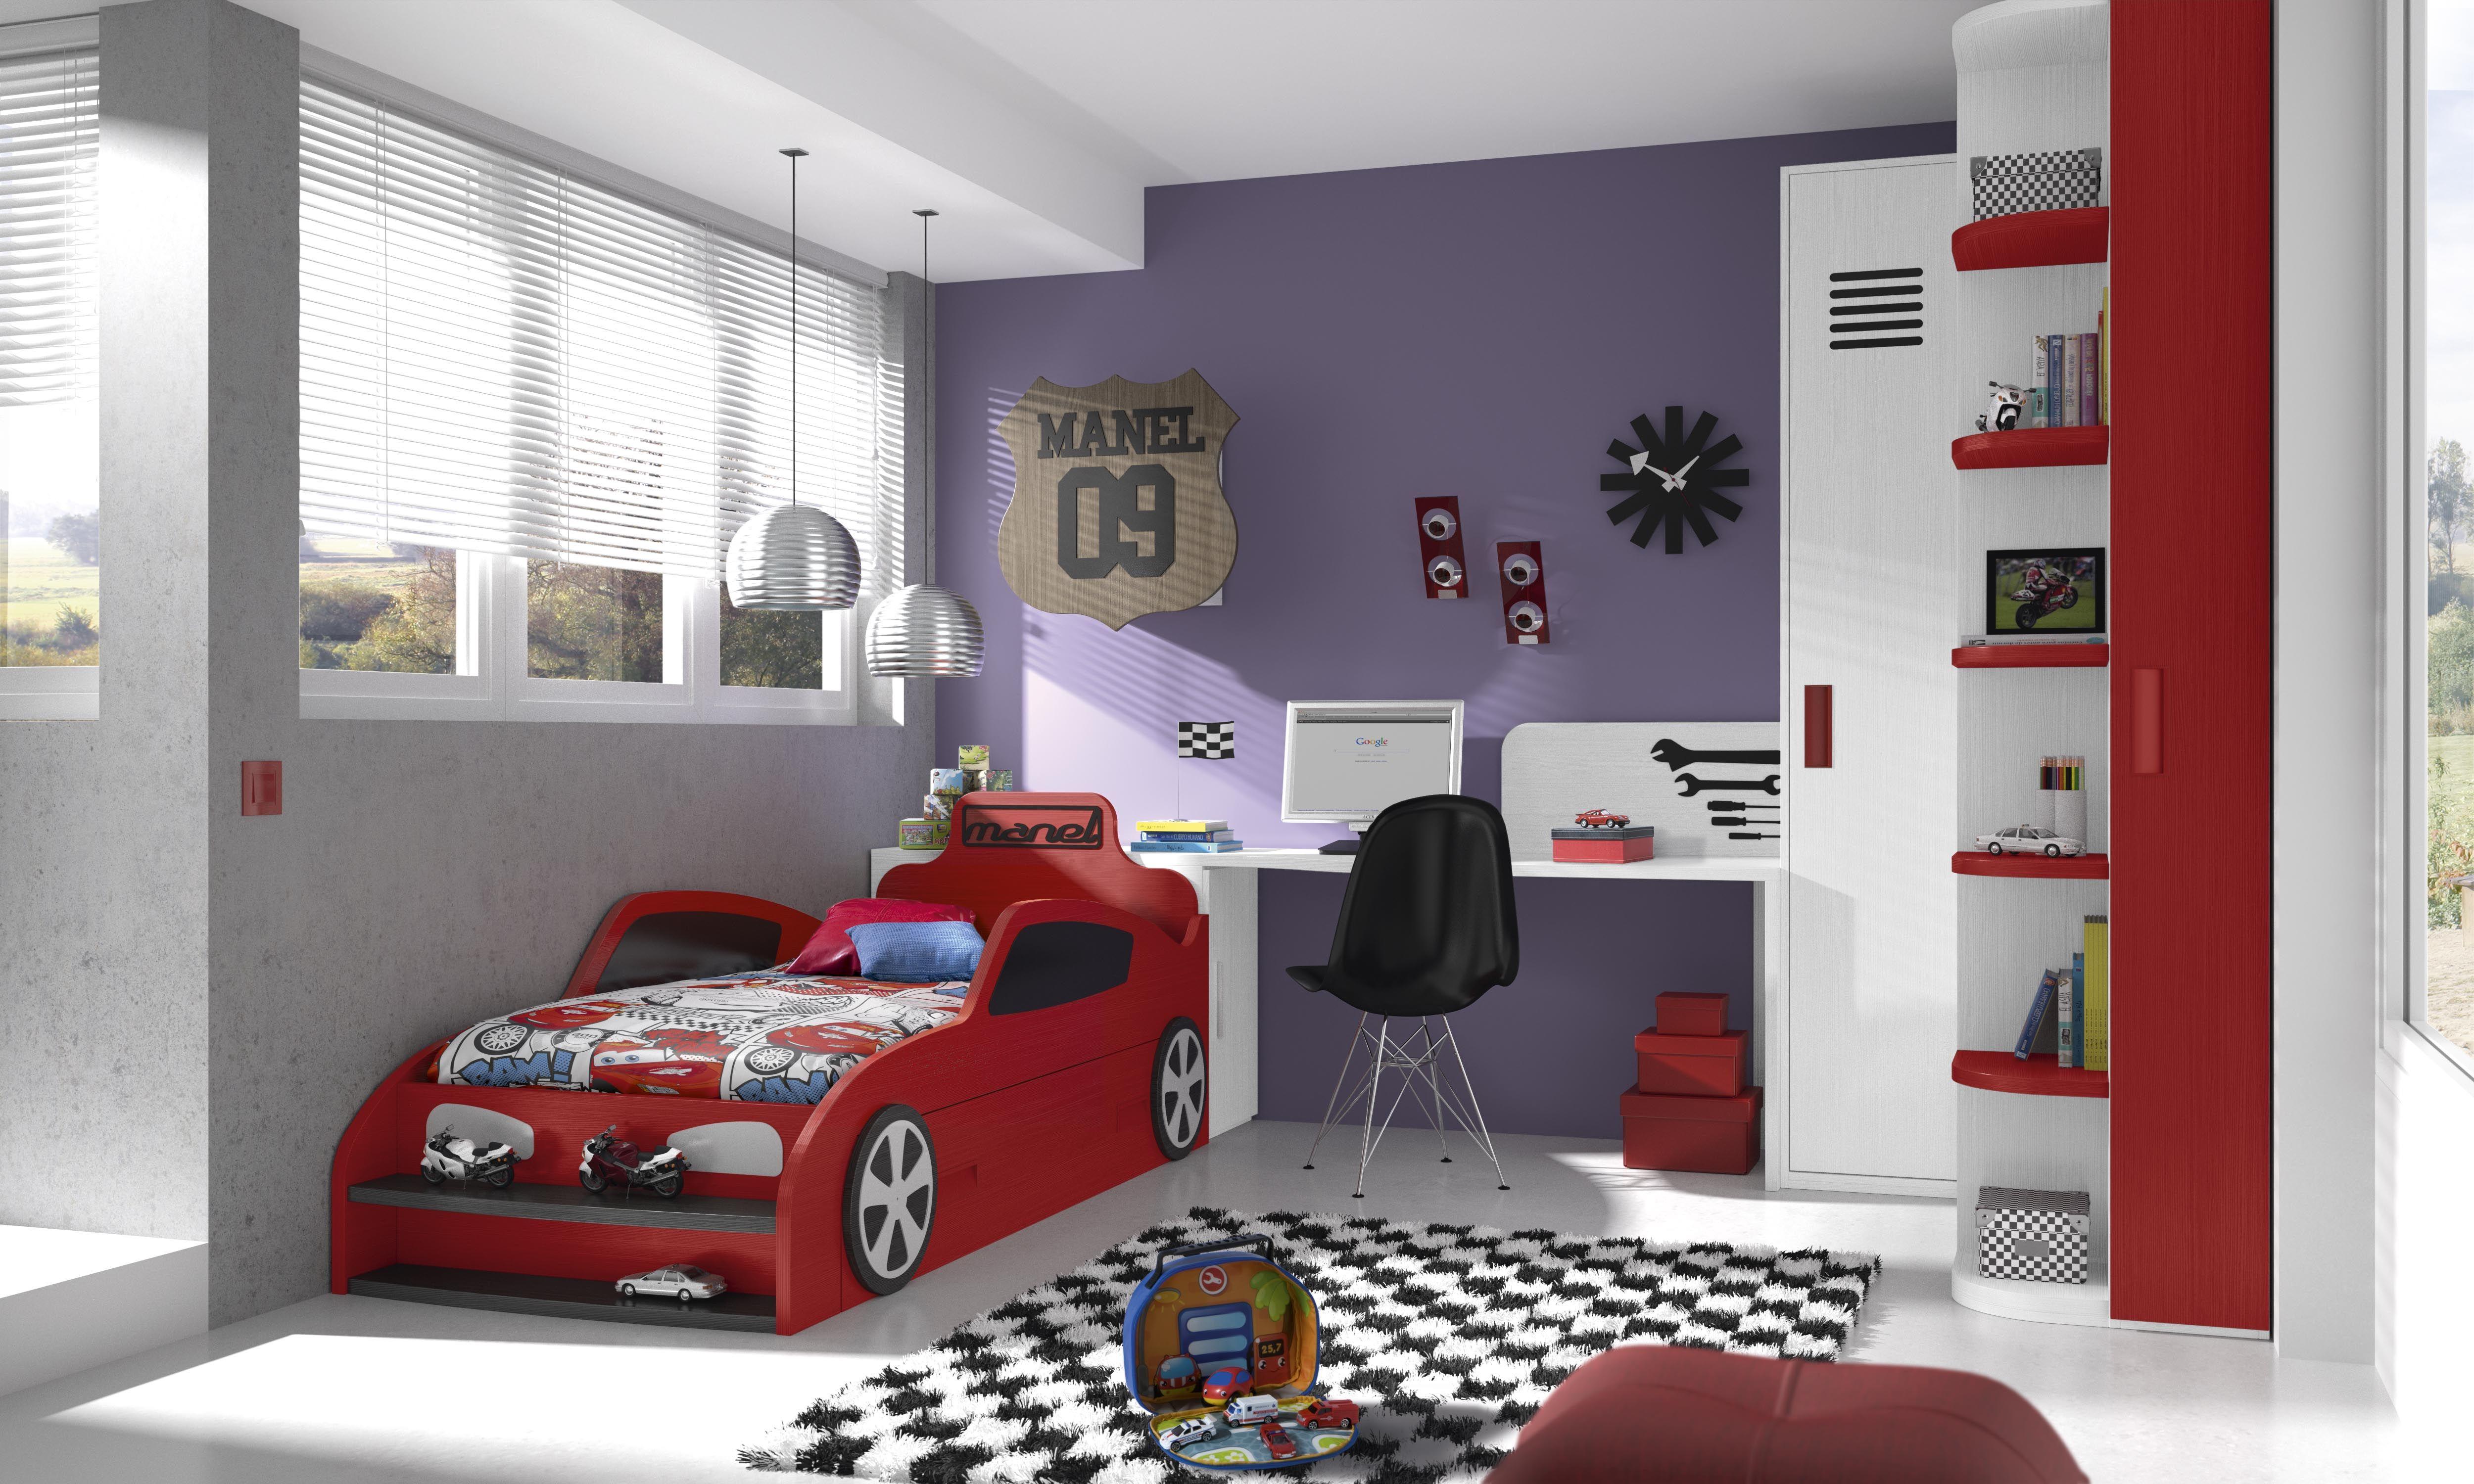 Habitaciones infantiles tem ticas dibujos animados coches2 for Dormitorio animado